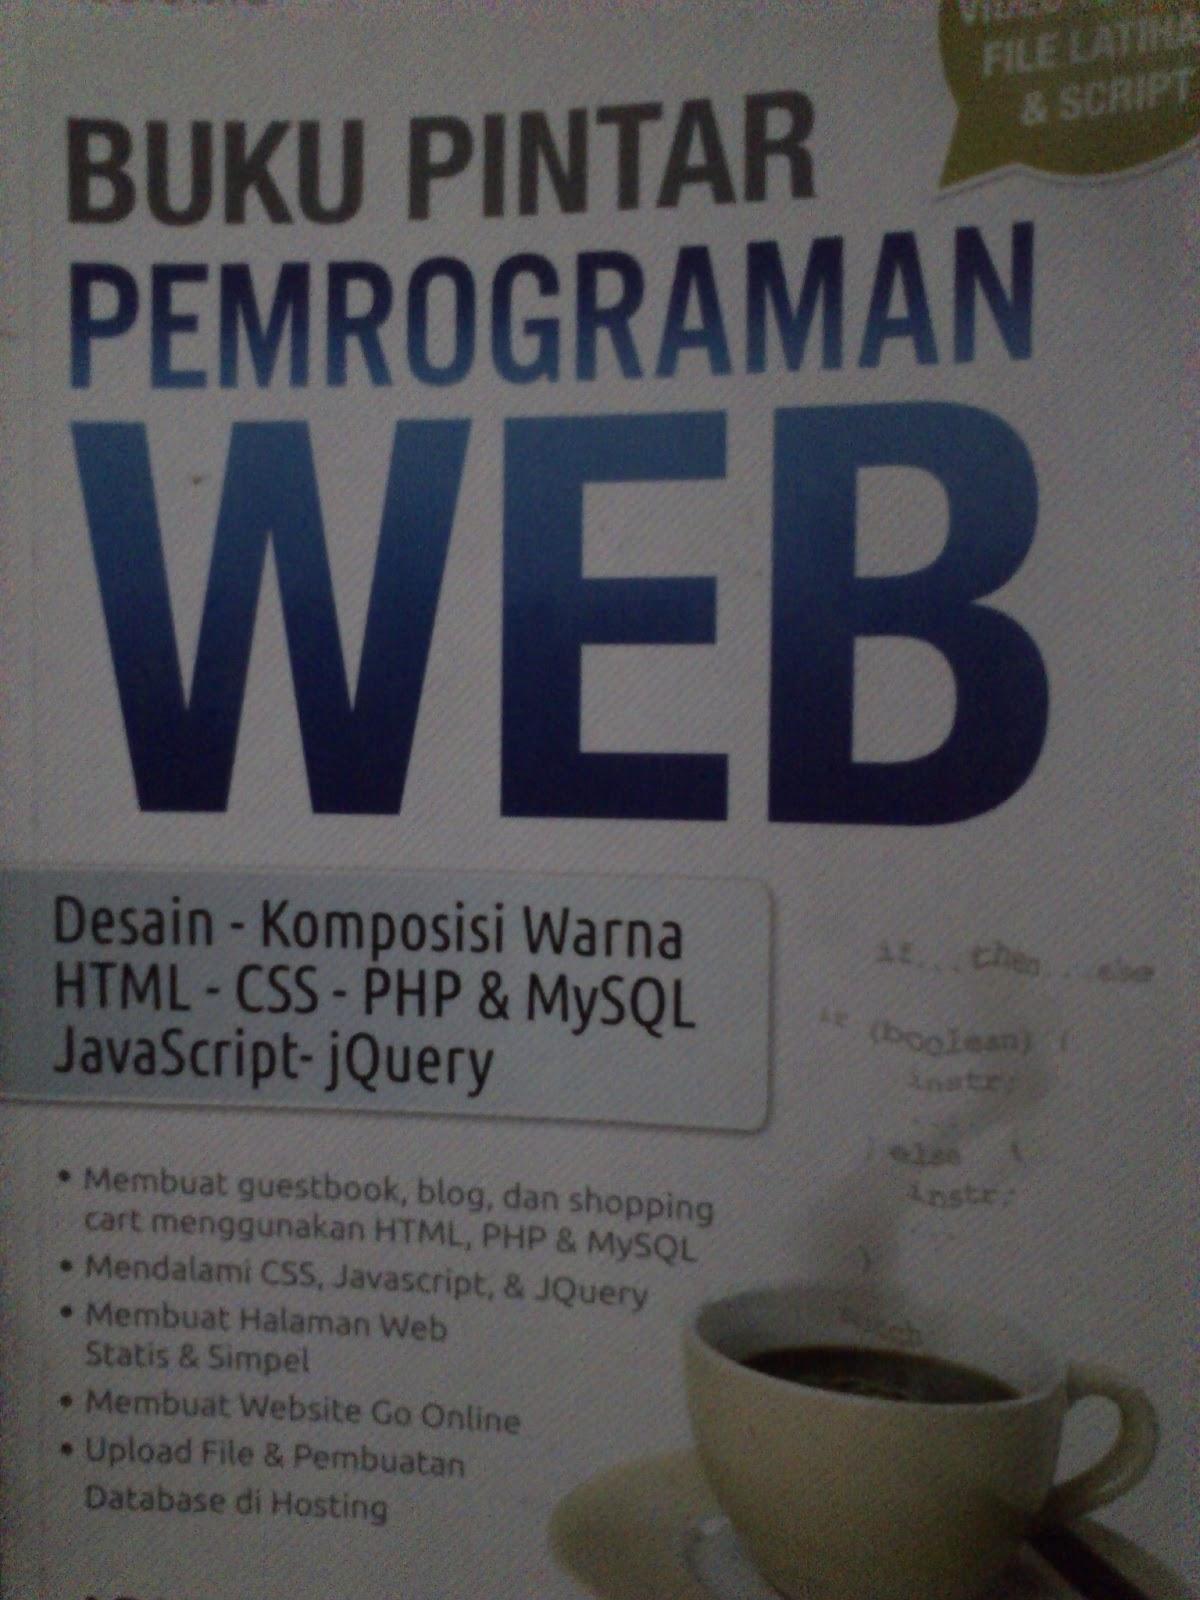 Buku Pemrograman Web Pdf